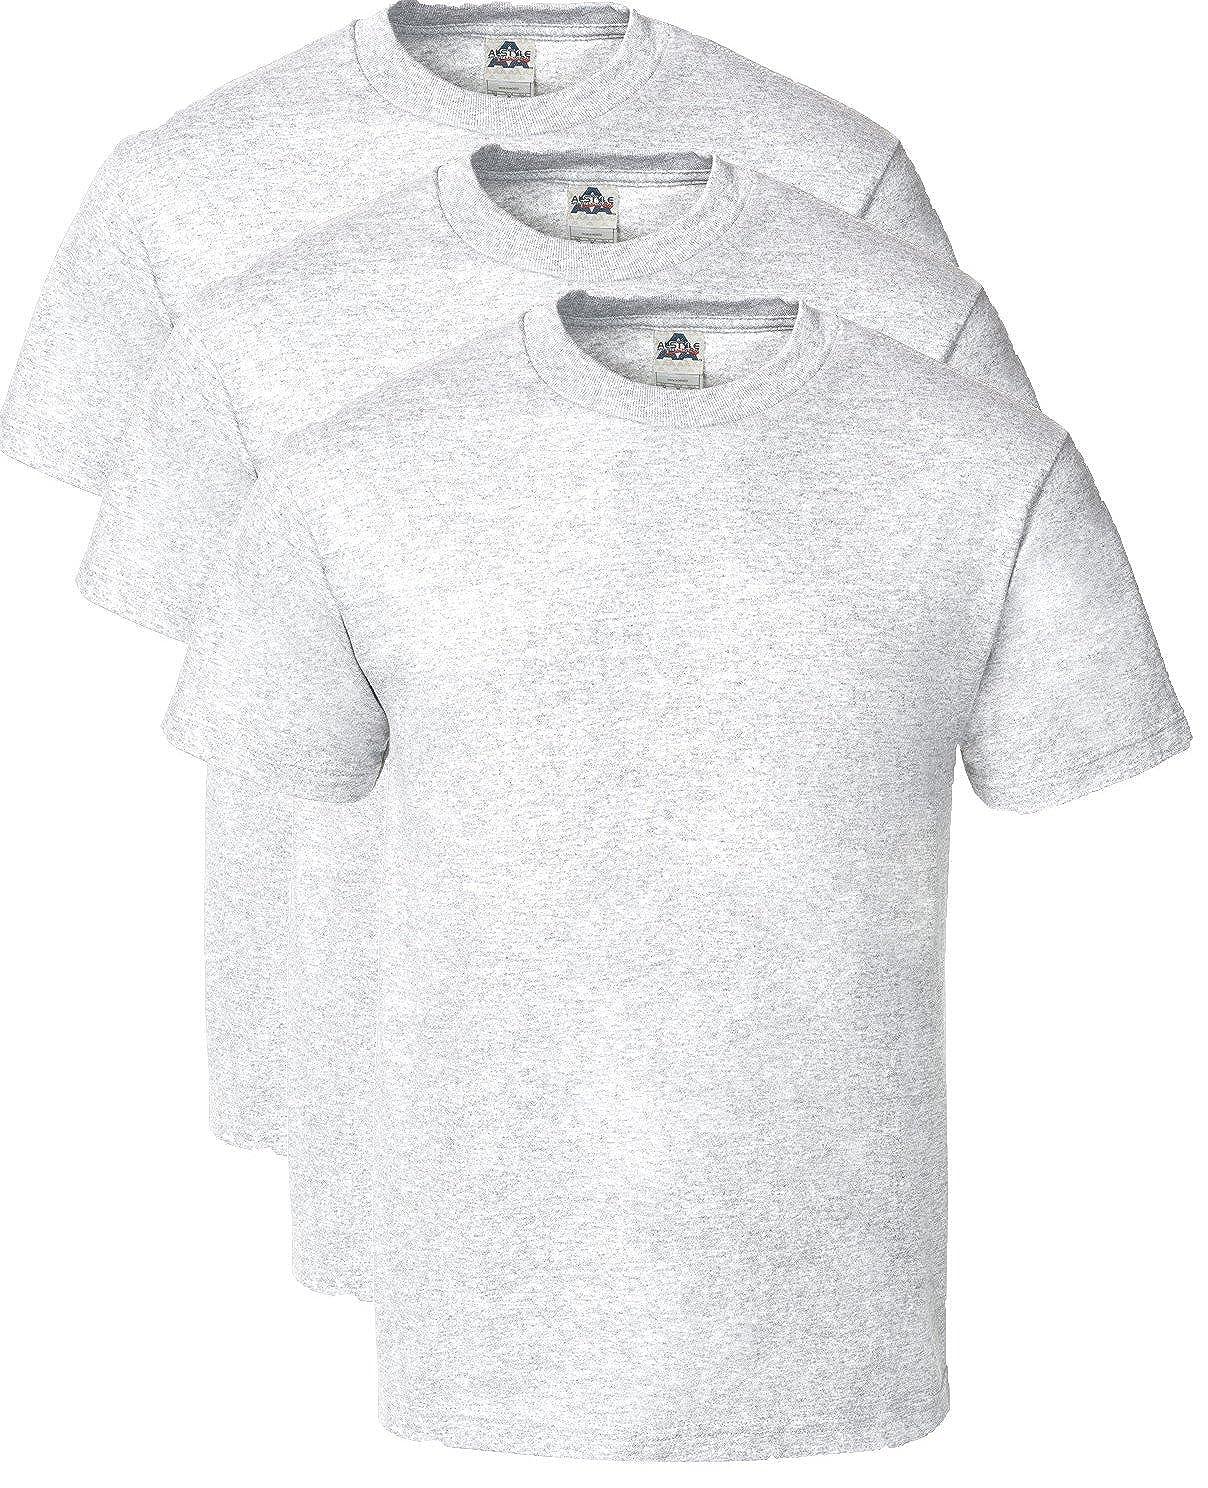 d1215bc60ce Alstyle Men s Cotton Crew Neck Short Sleeve T-Shirt 3-Pack